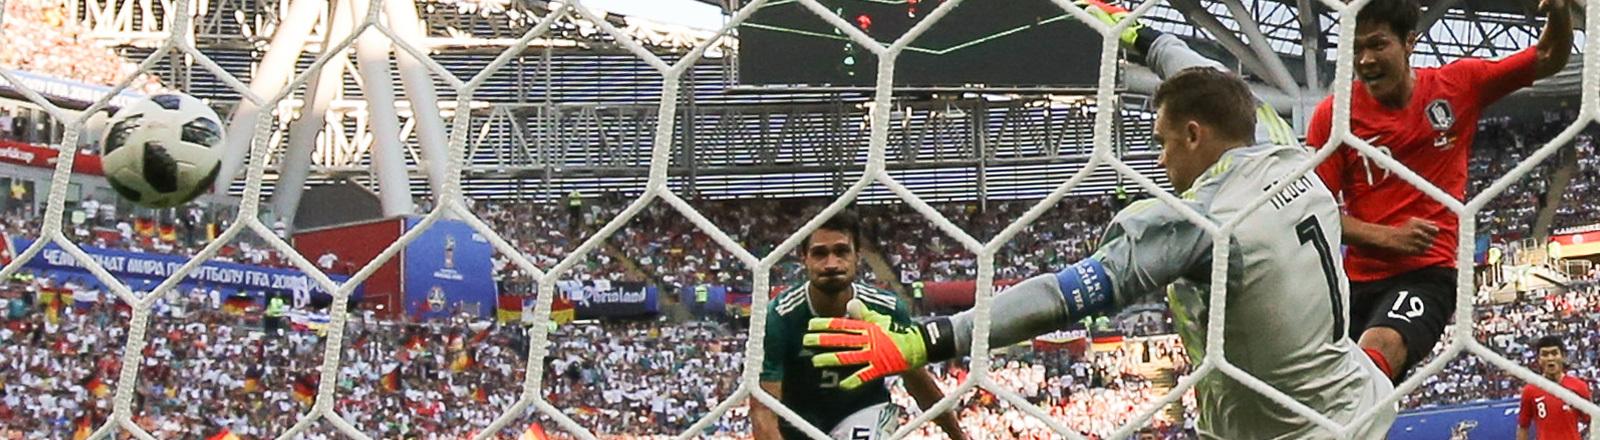 Südkorea schießt im dritten Vorrundenspiel der Fußball WM 2018 das 1:0 gegen Deutschland.